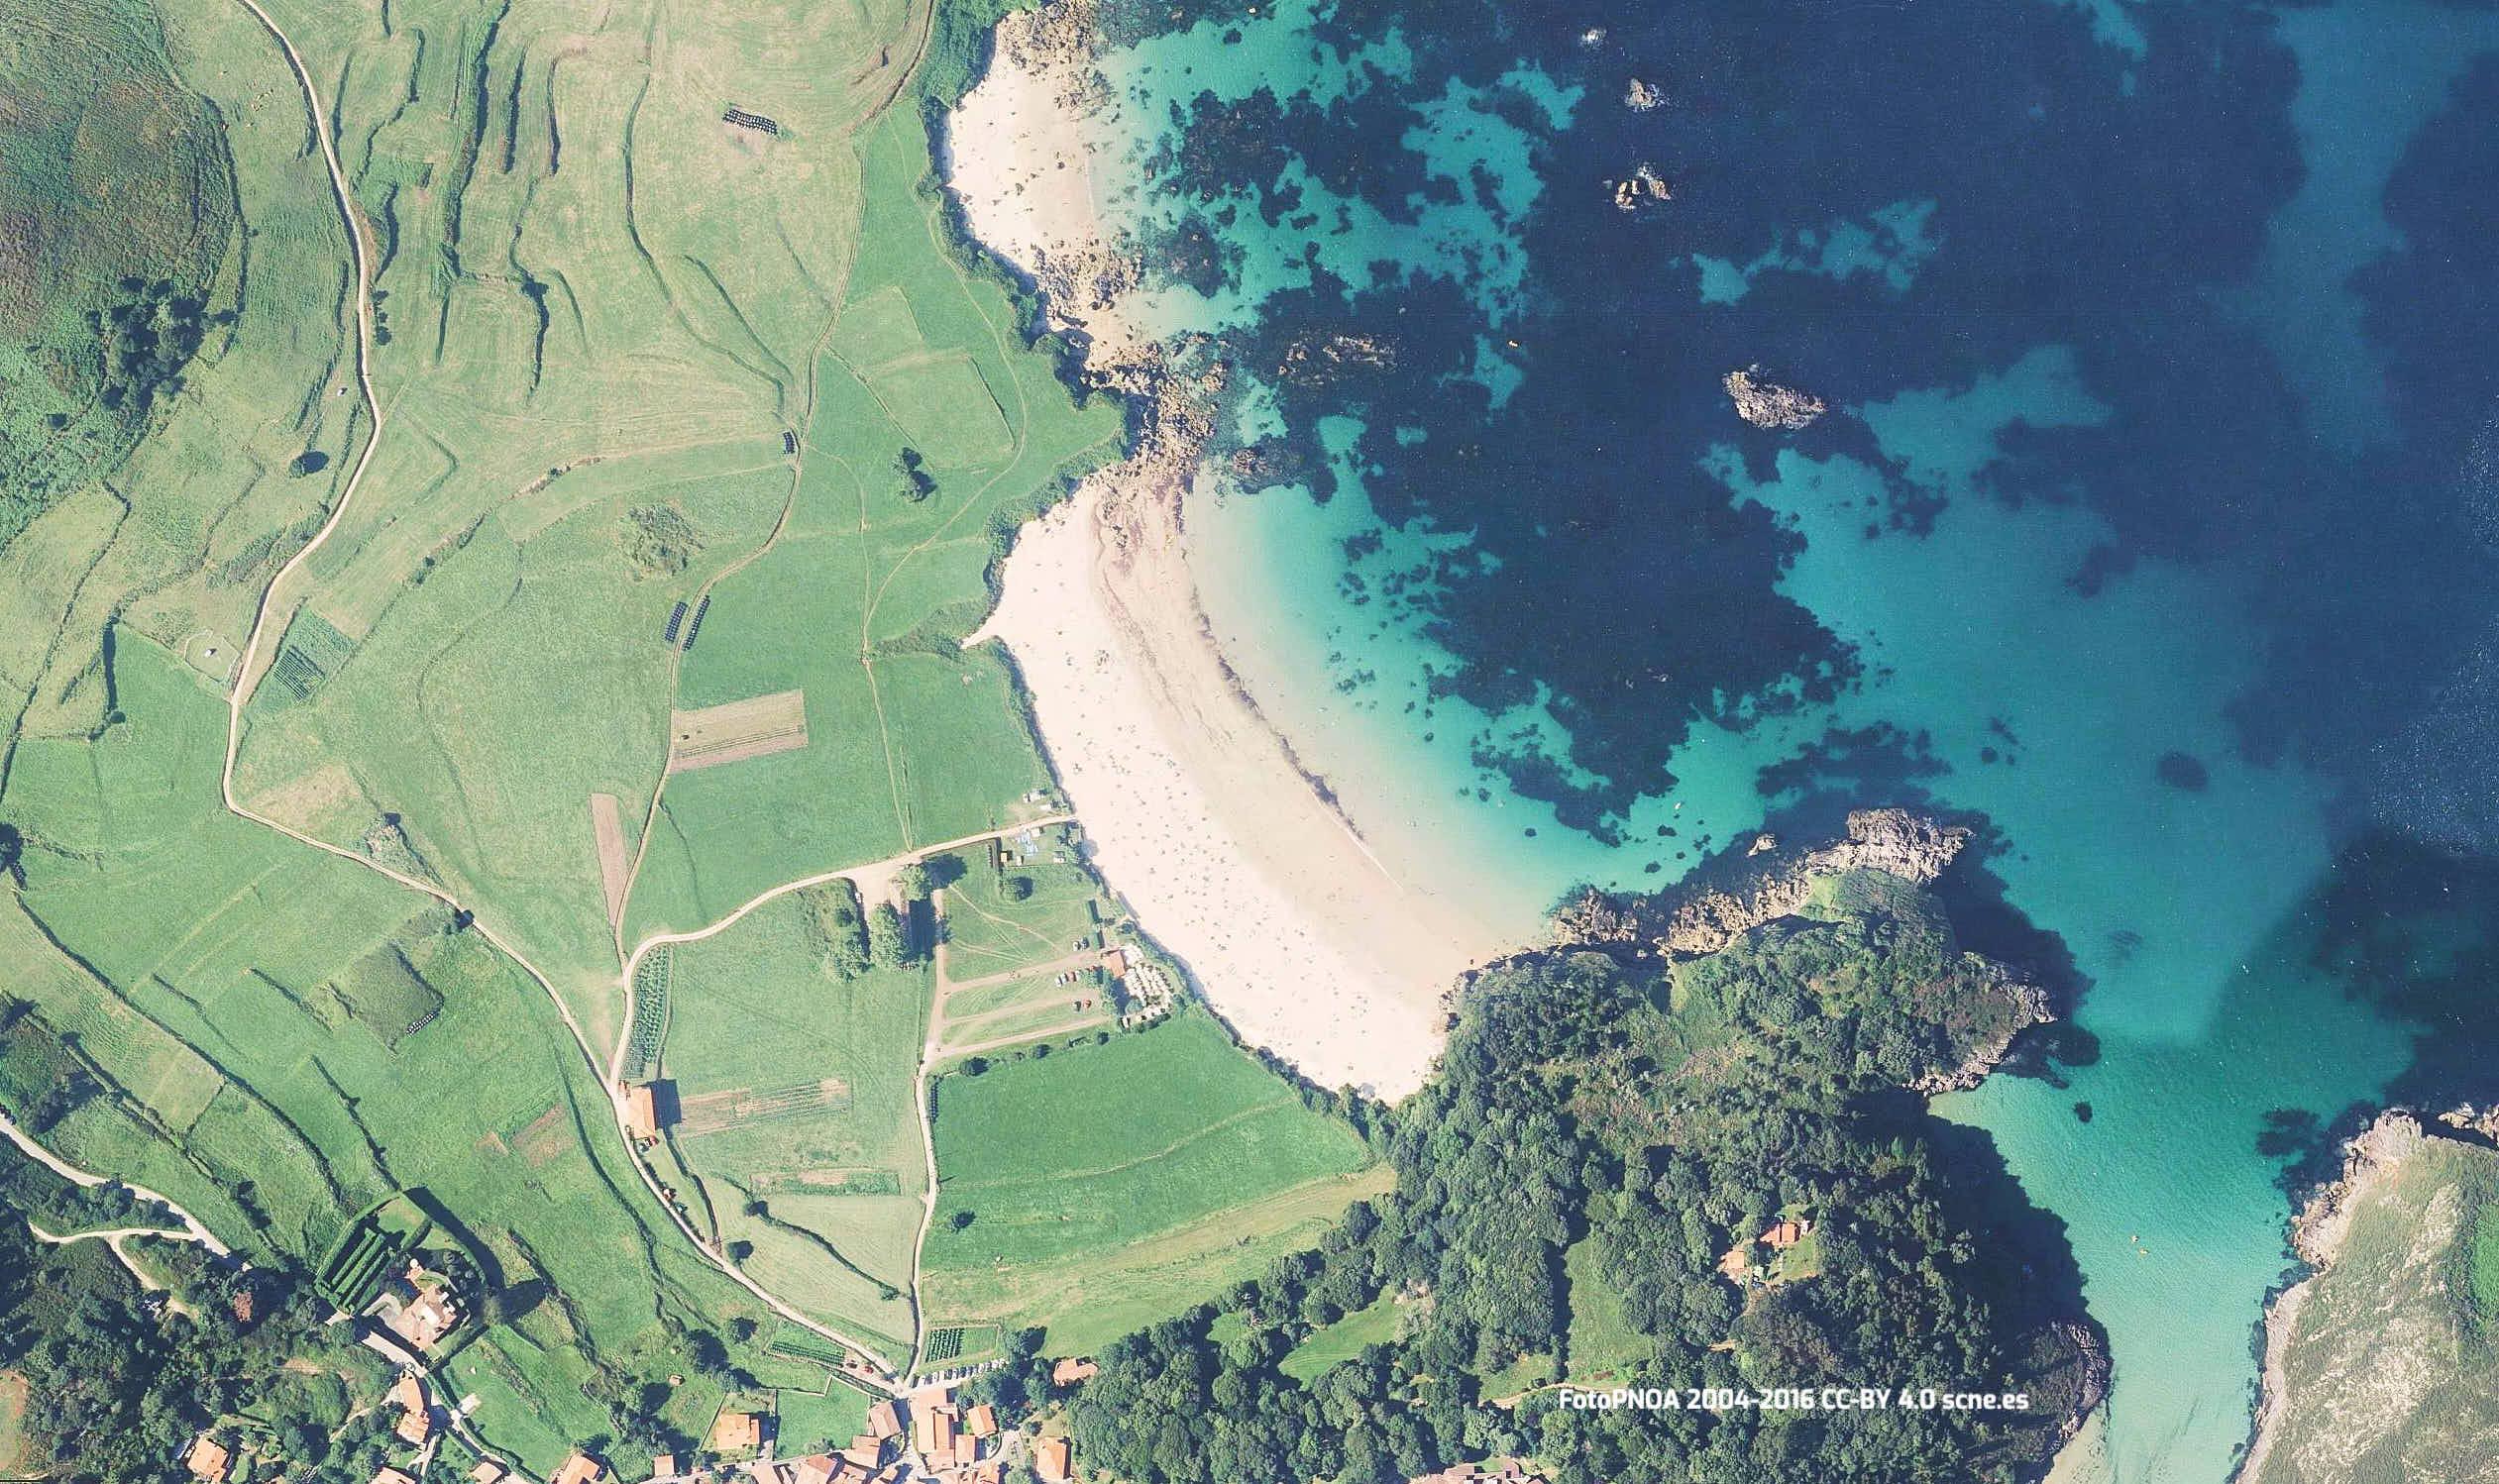 Vista aerea de la playa de Toranda en Llanes, Asturias